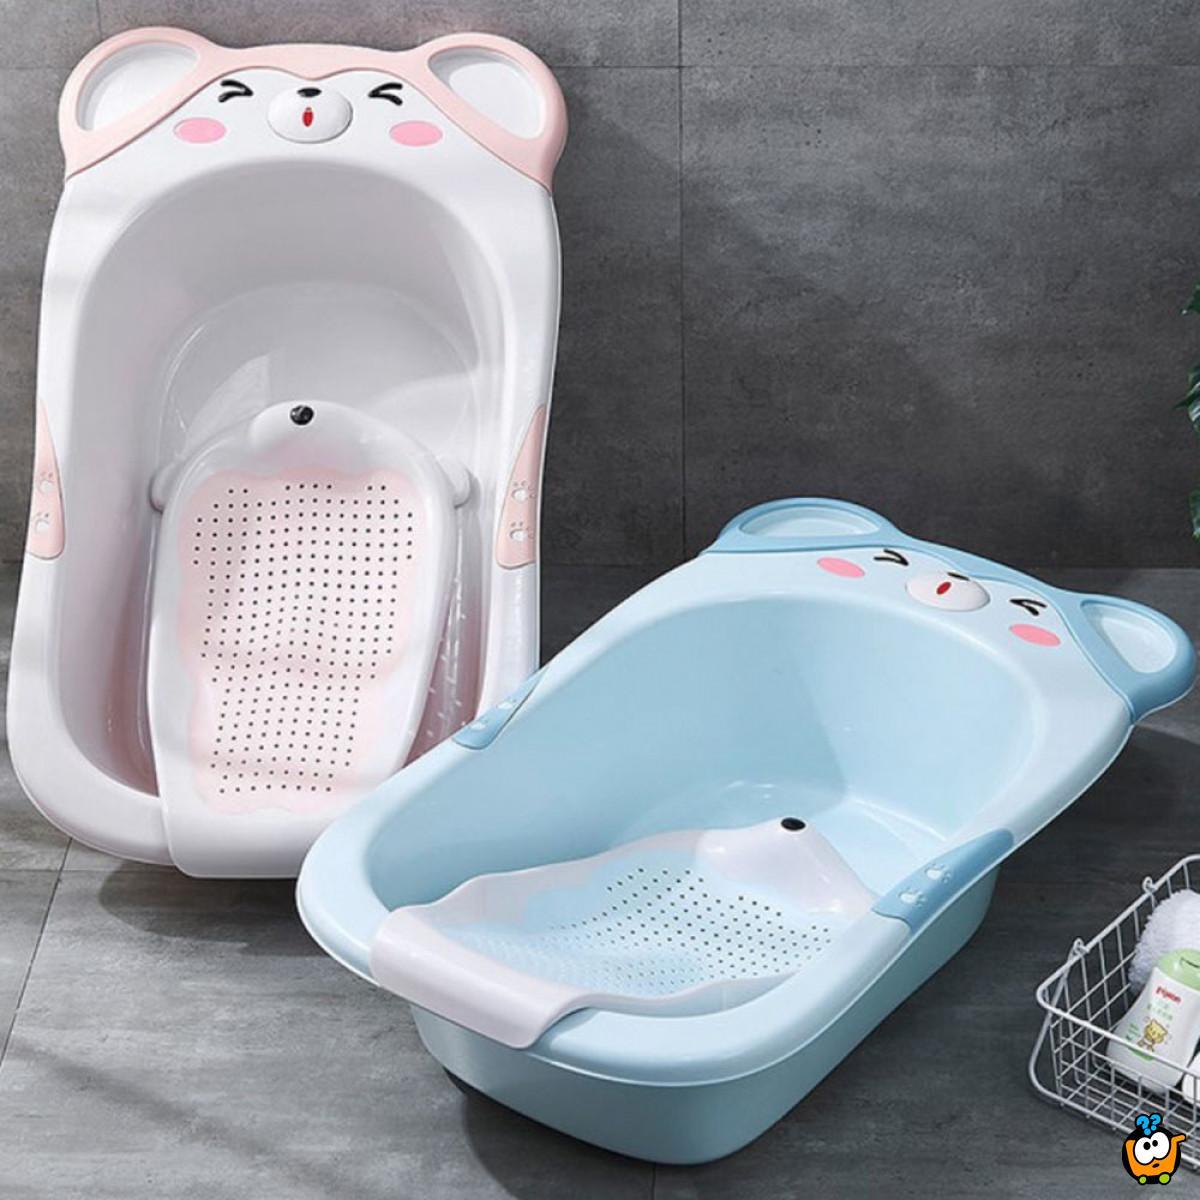 Baby bath - Kadica za kupanje beba